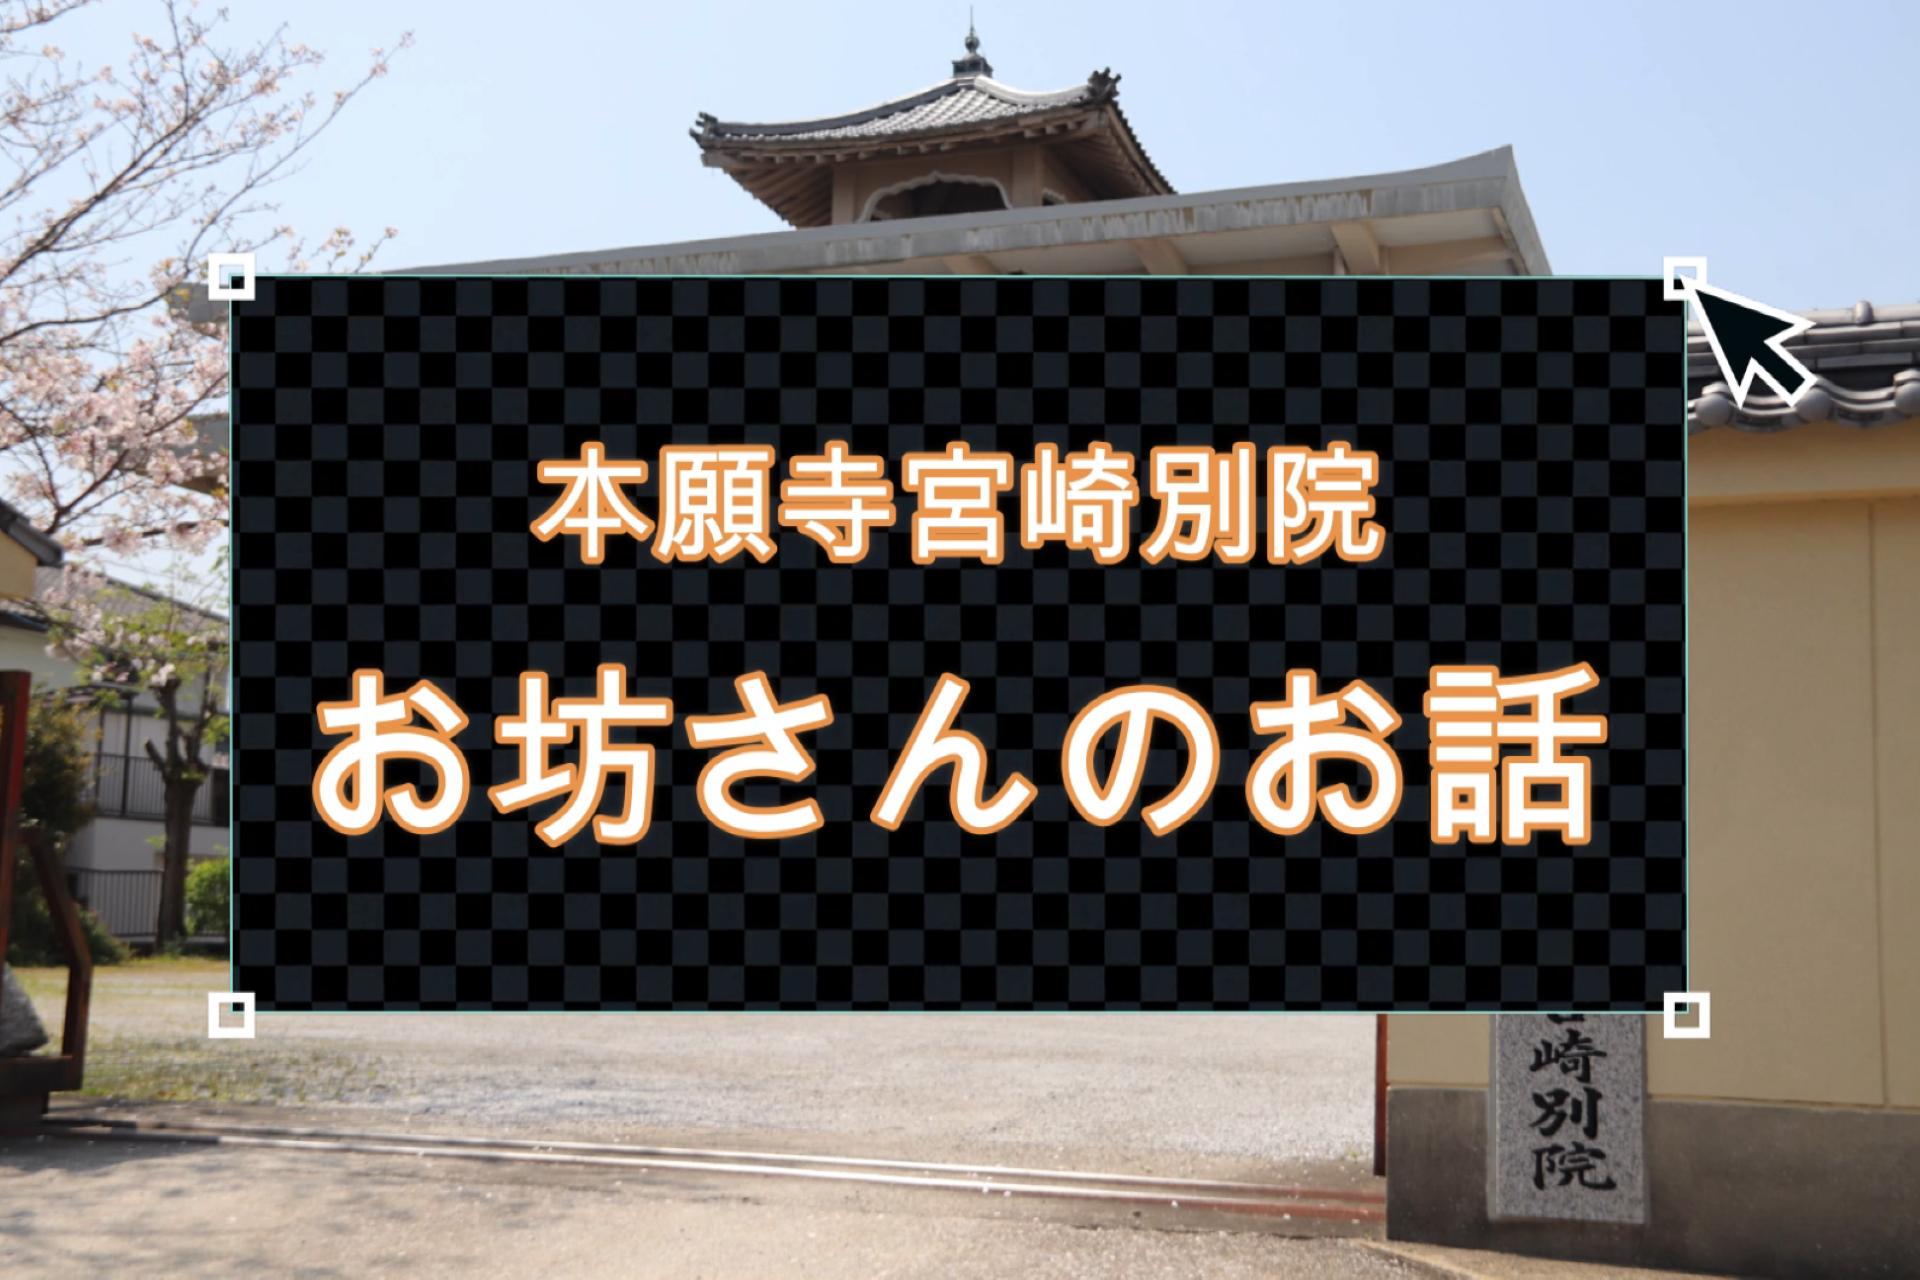 本願寺宮崎別院 お坊さんのお話